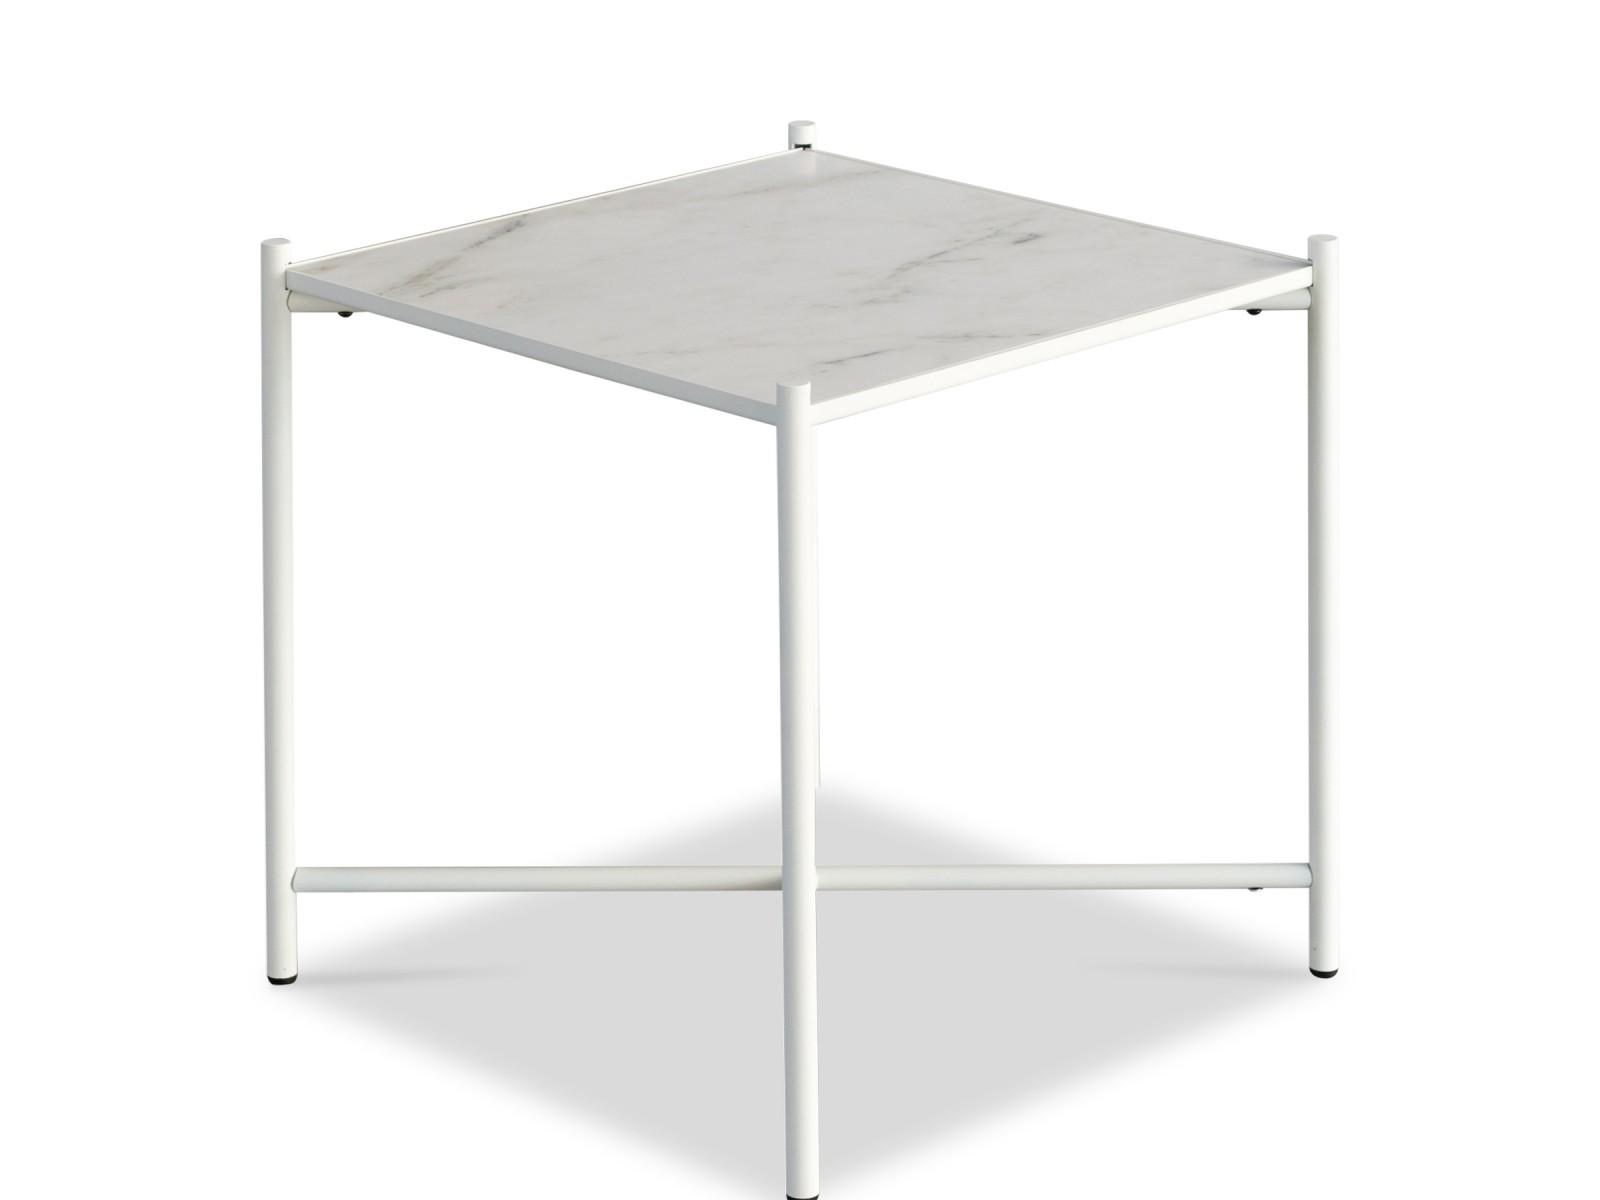 Handvärk Side Table White Marble, White Base